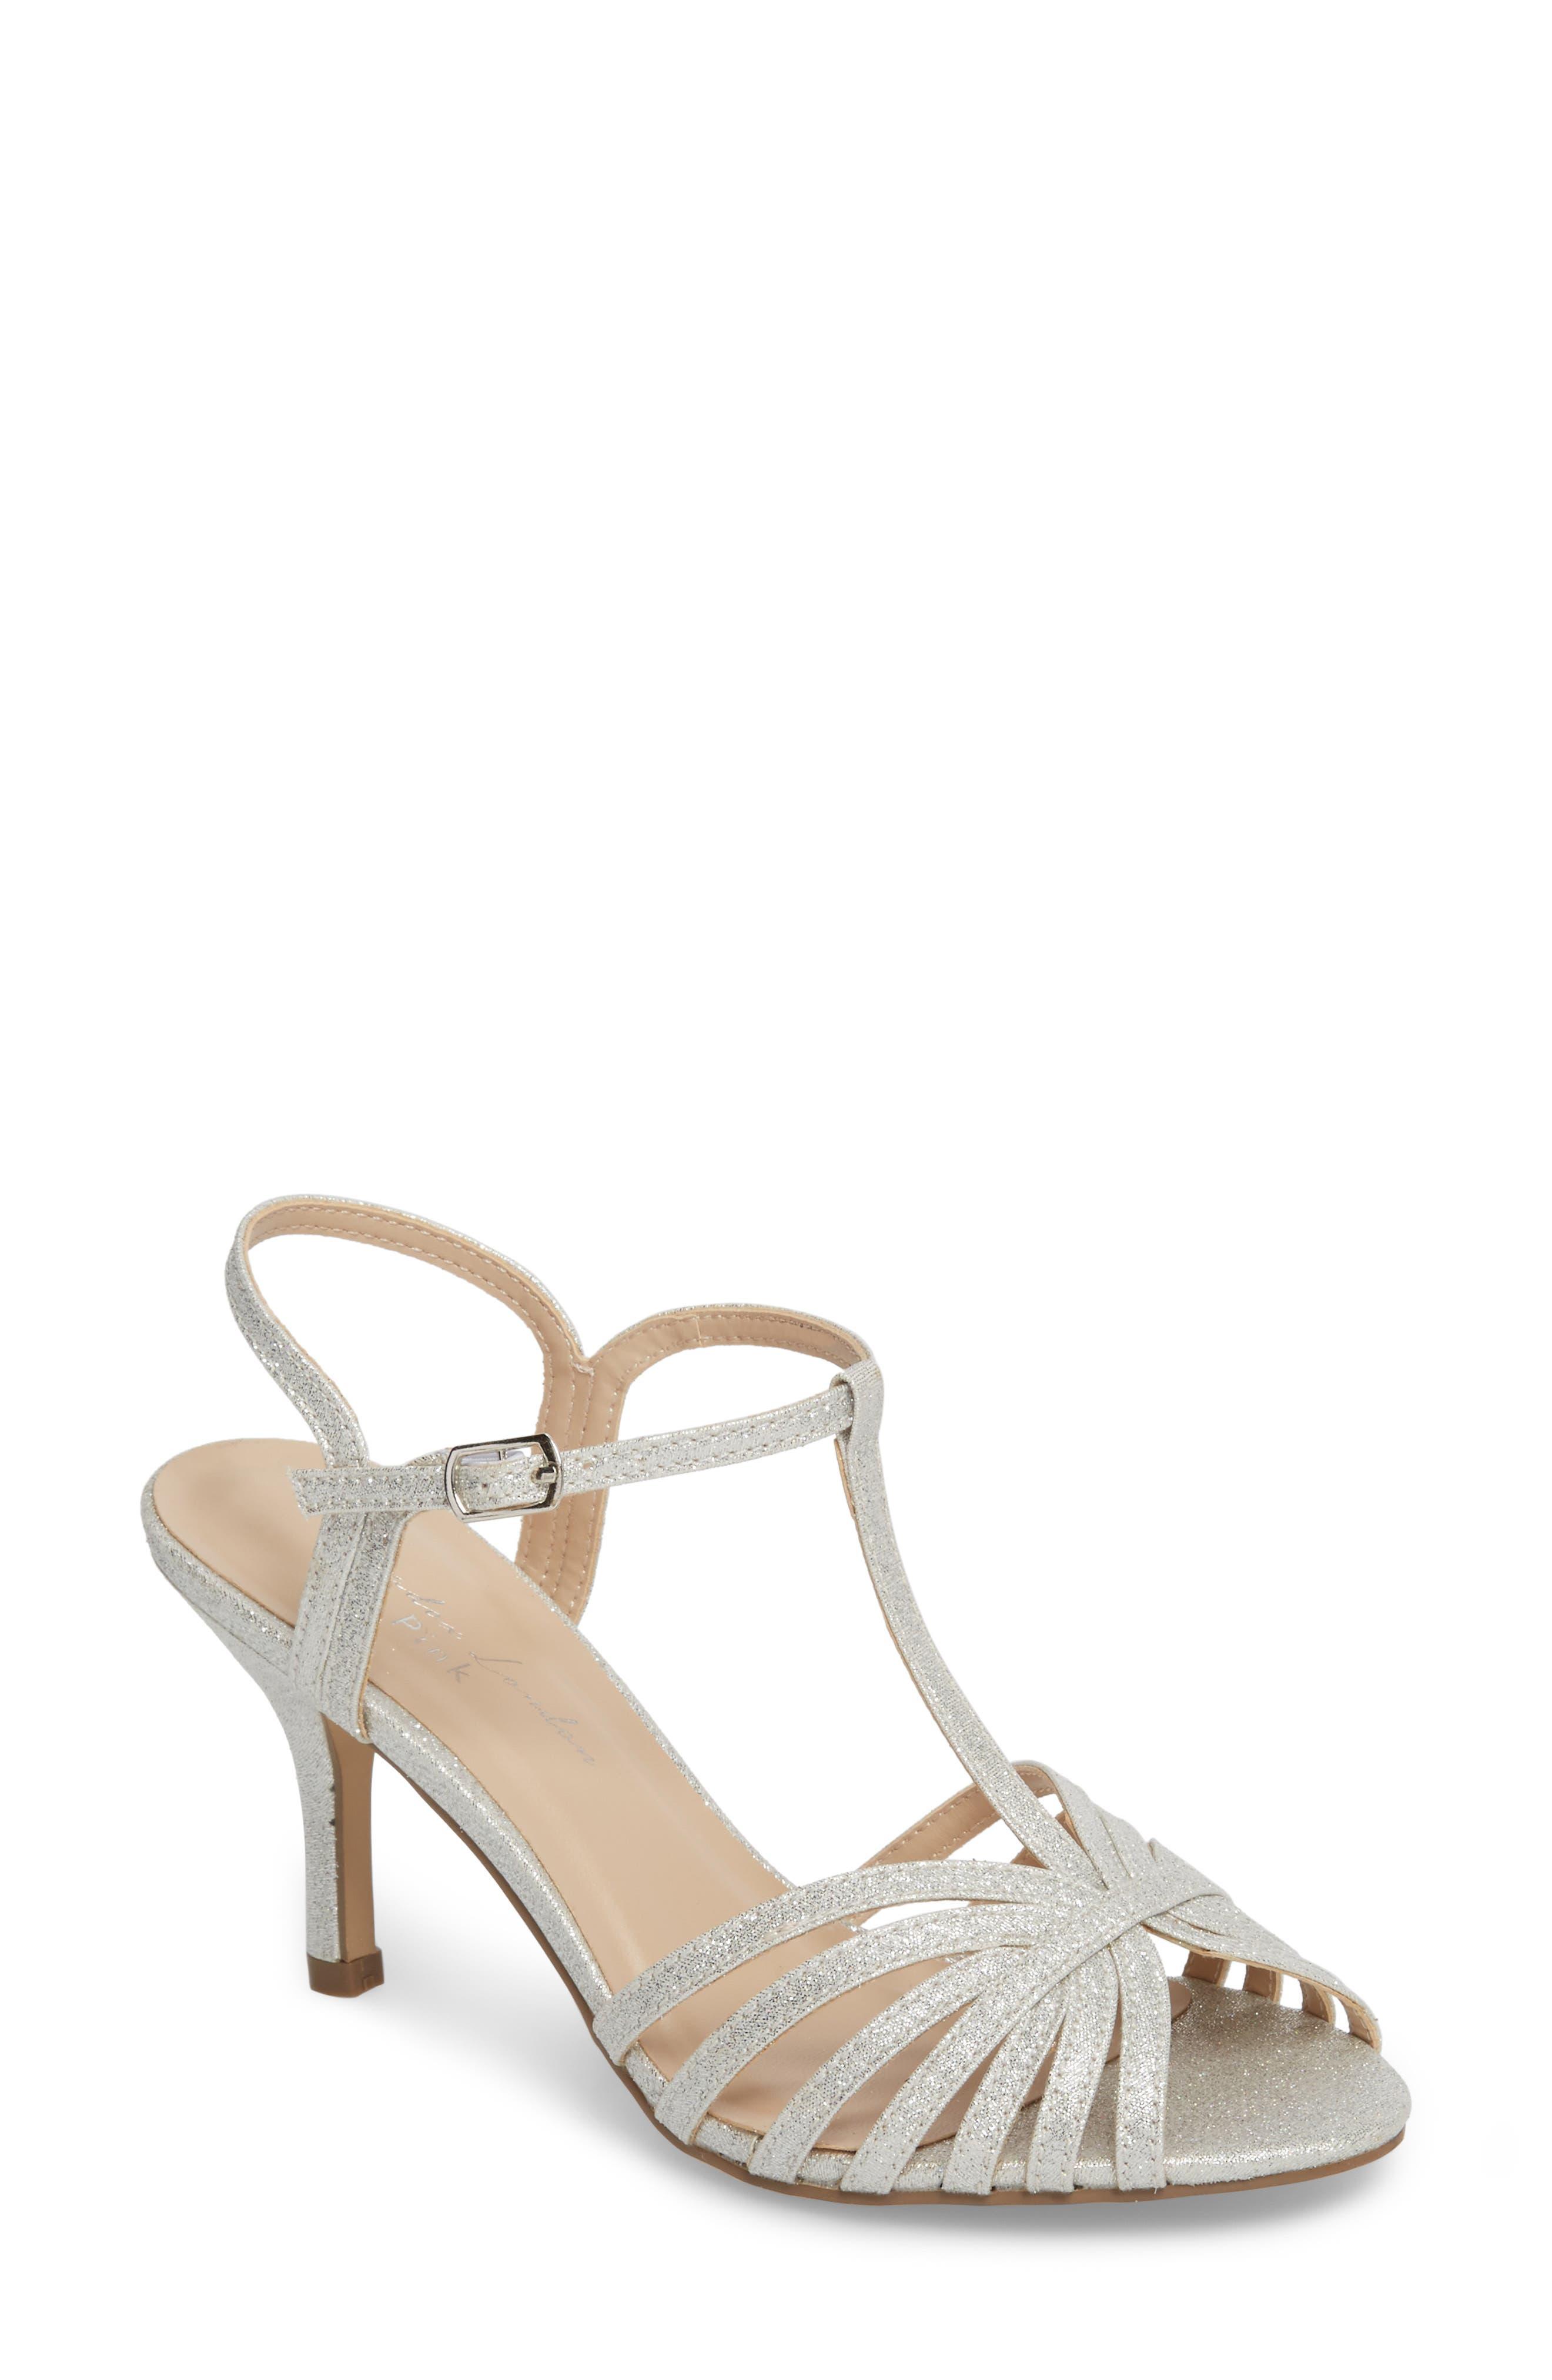 Maggie T-Strap Sandal,                         Main,                         color, Silver Glitter